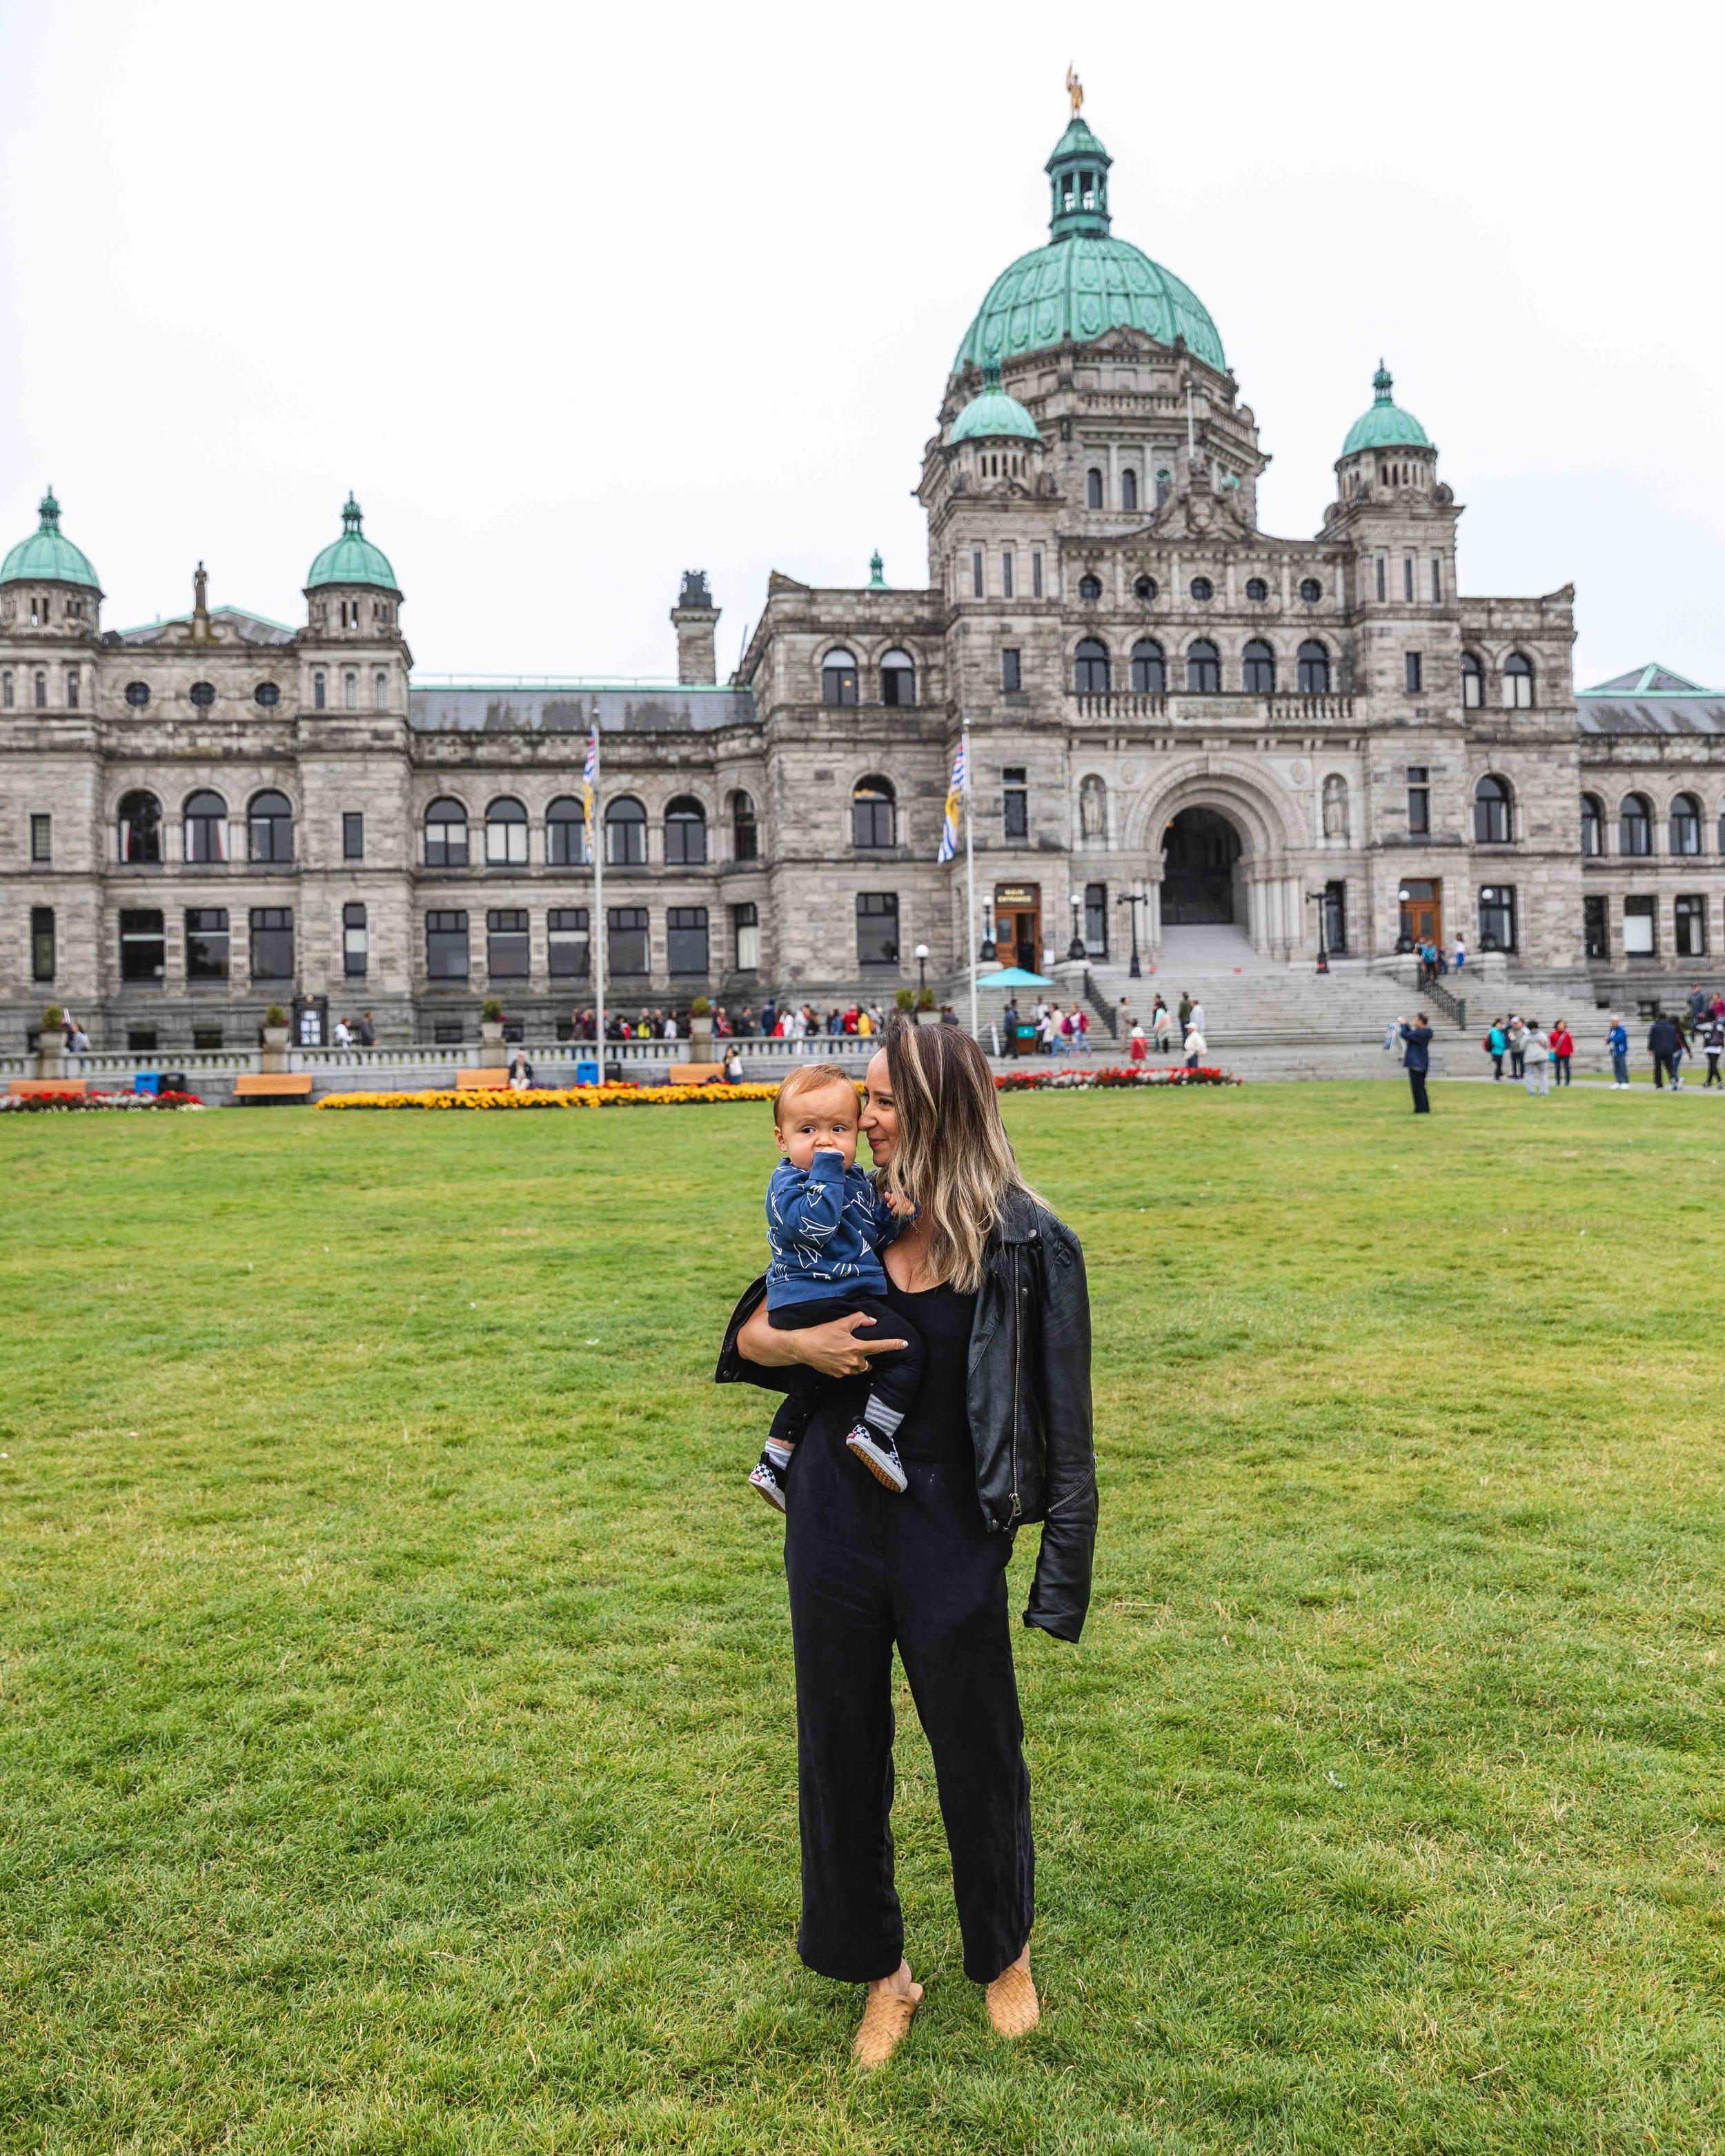 Legislature Grounds